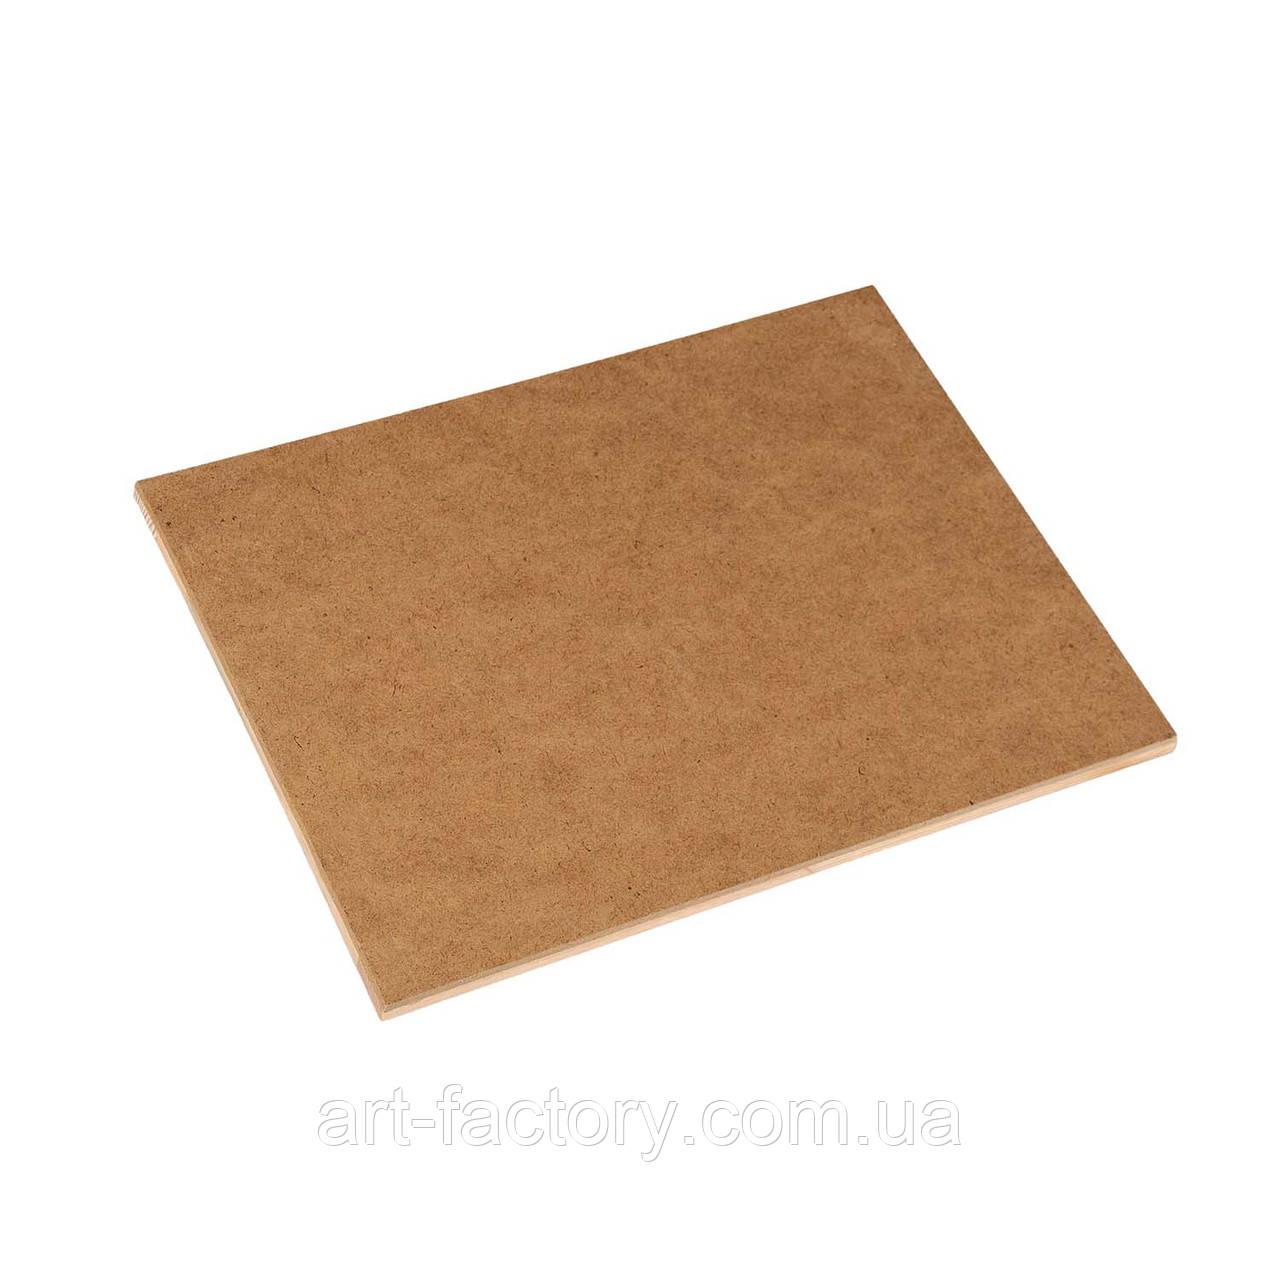 Планшет художественный деревянный ДВП 70 х 100 см